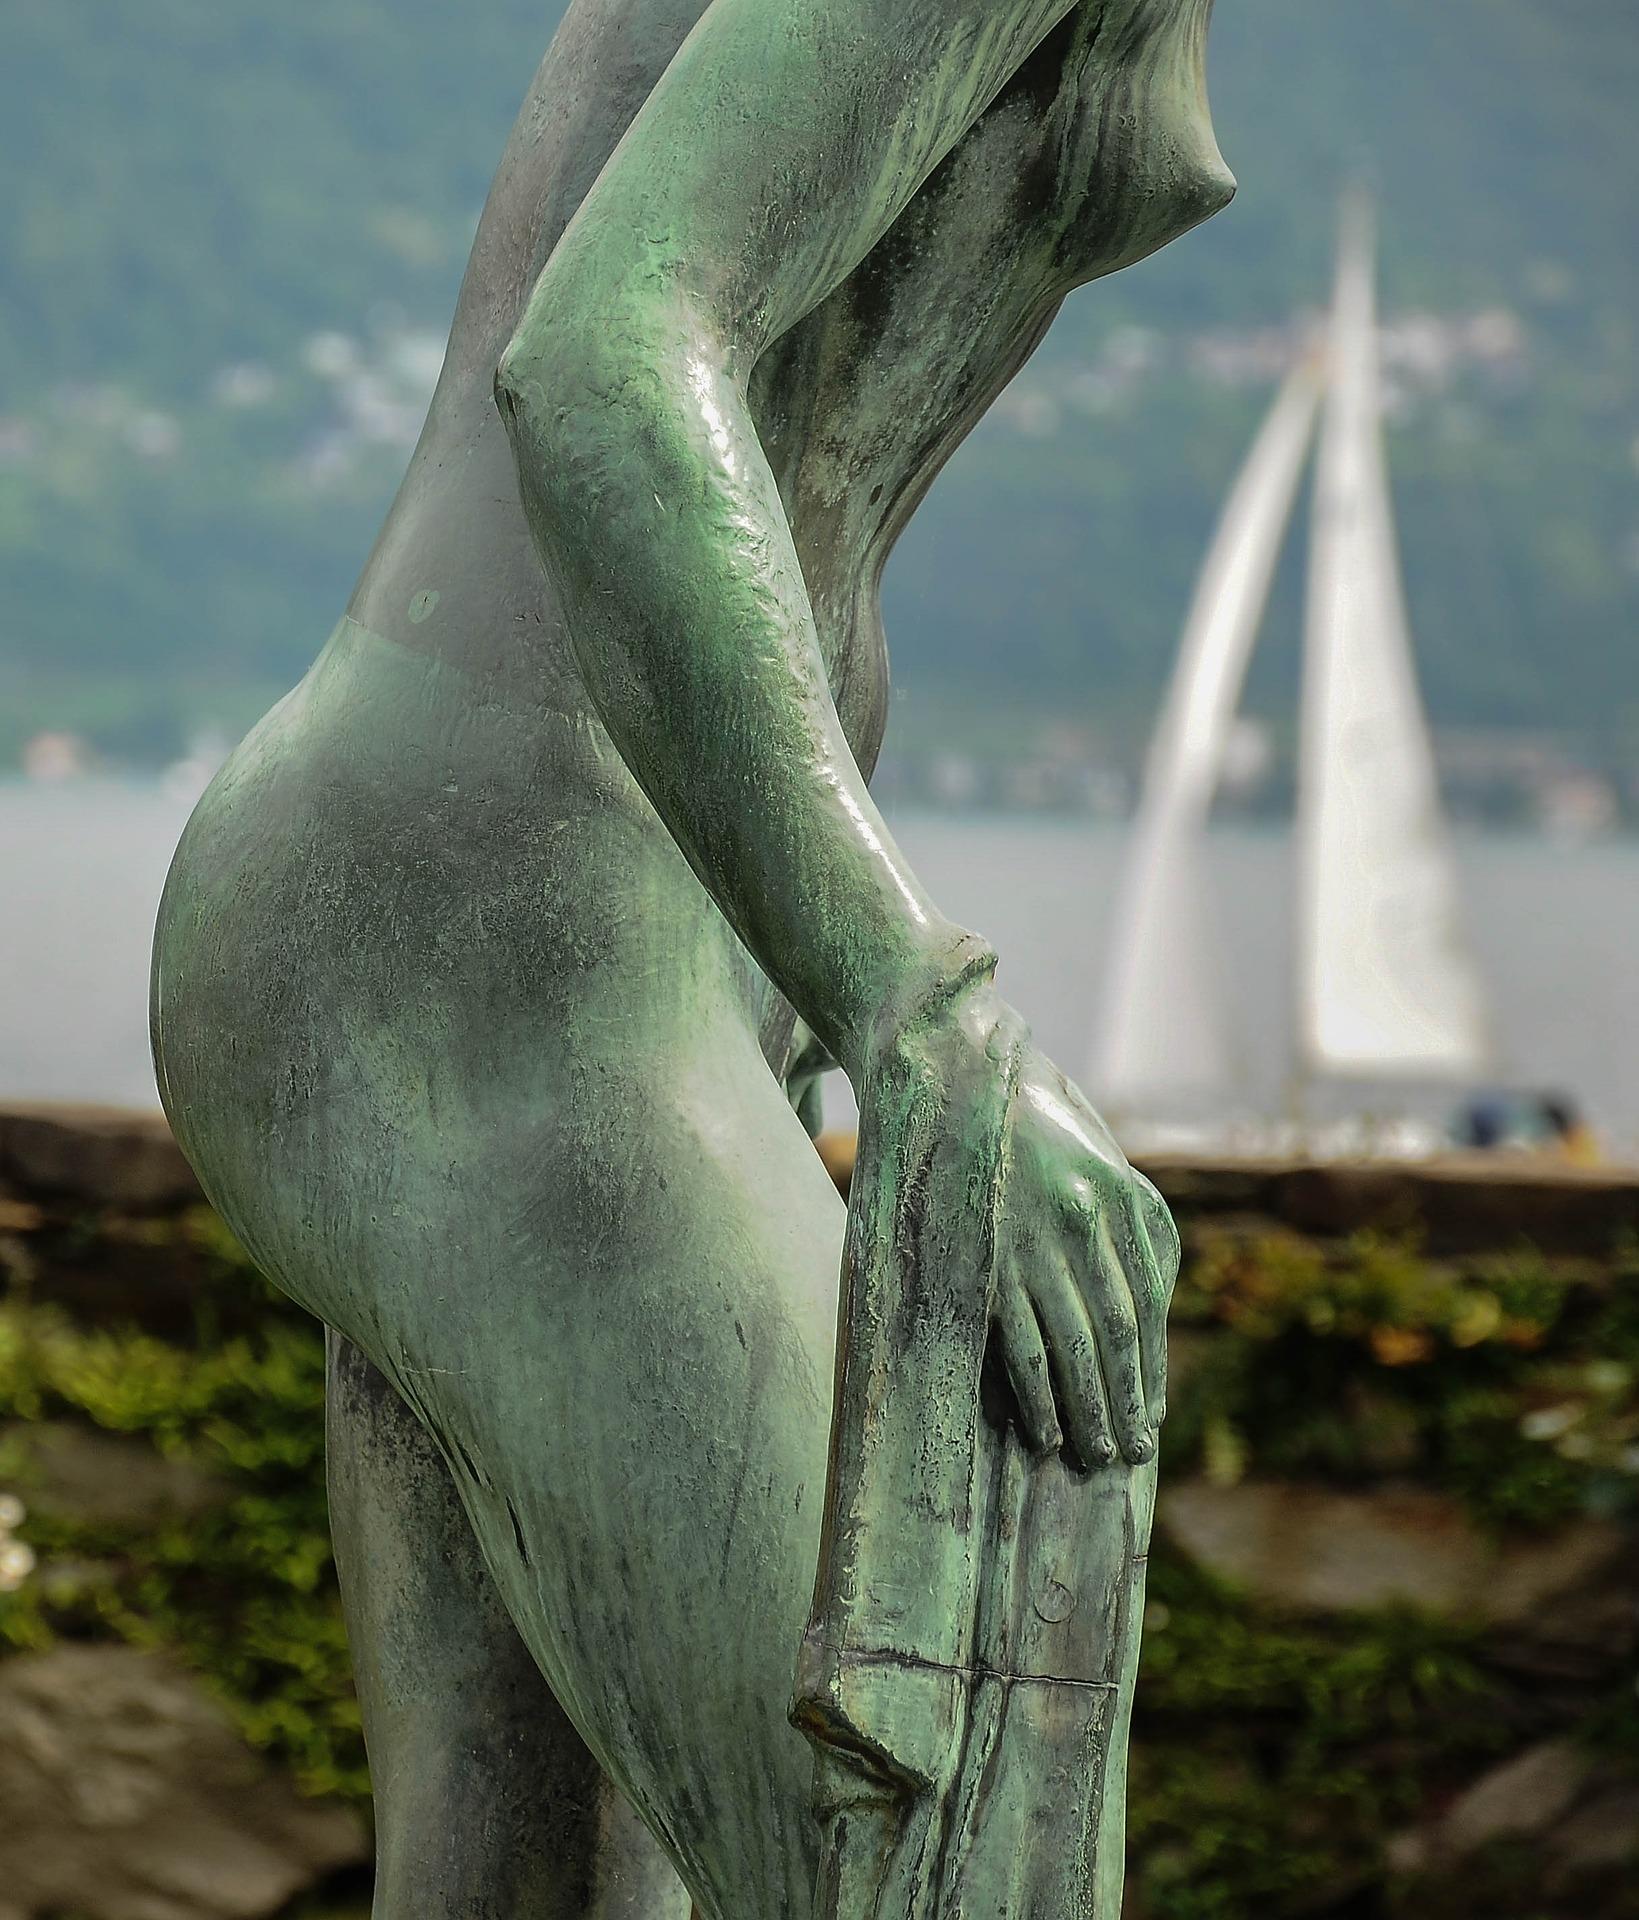 20 best things to do in Switzerland - Brissago